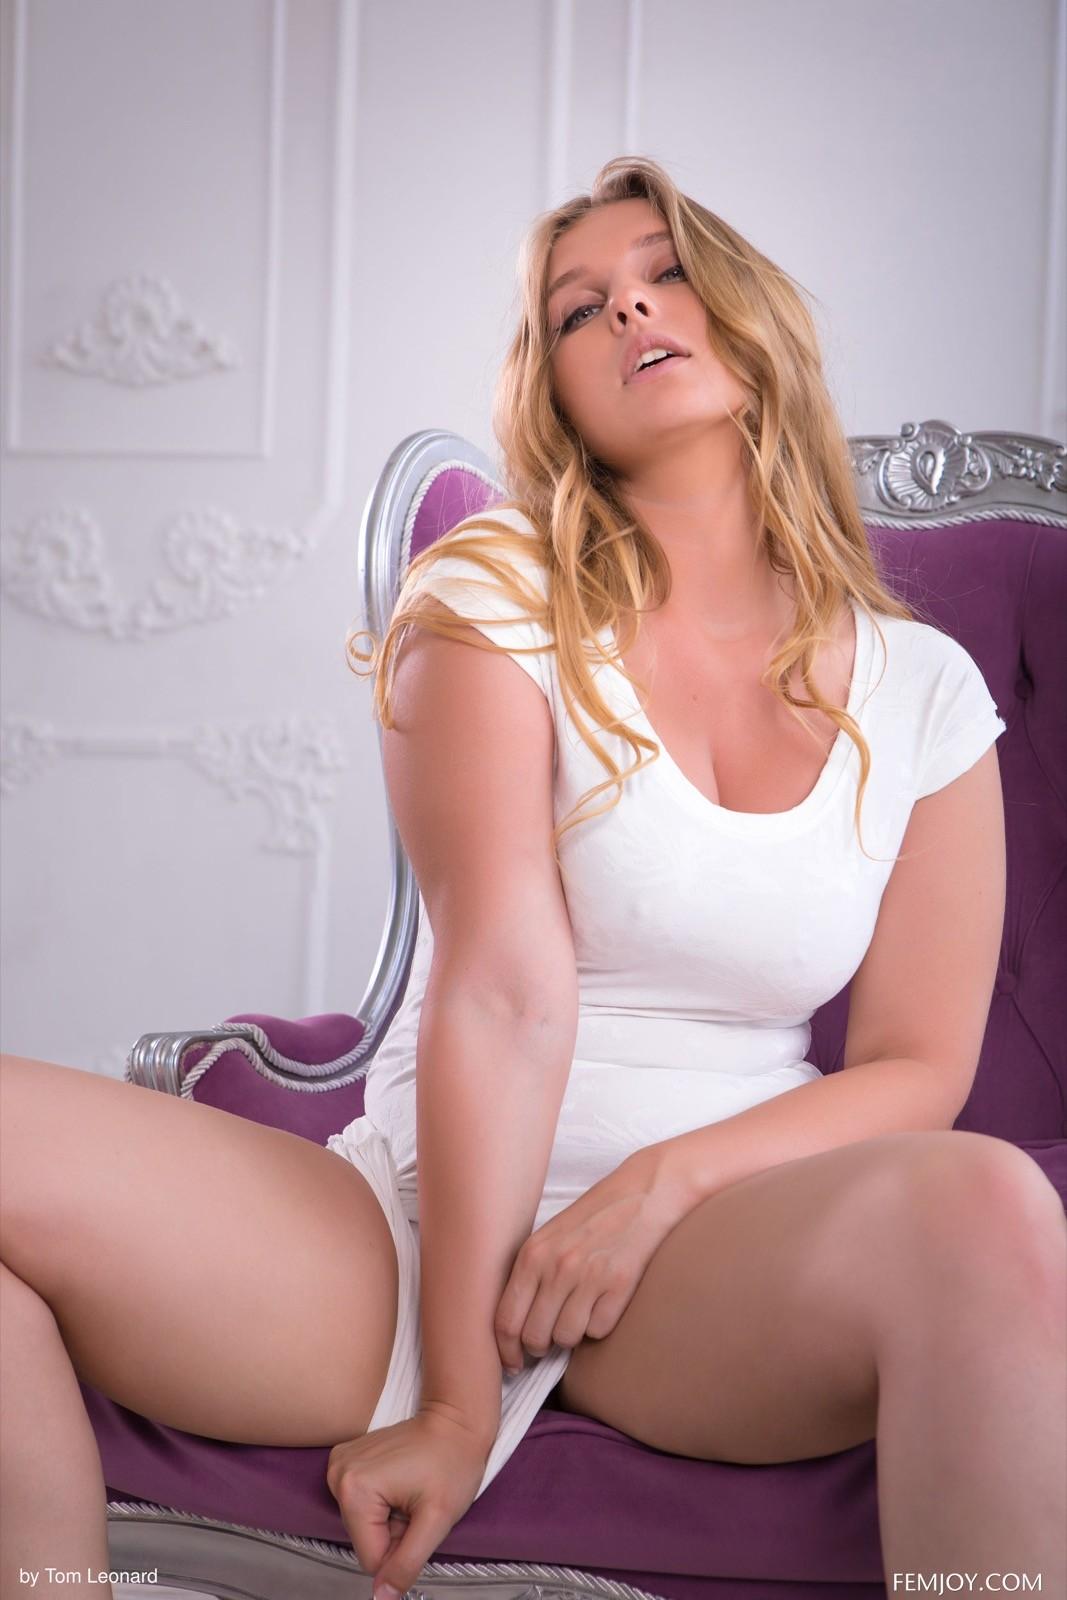 Пышная блондинка с аппетитной попкой - фото